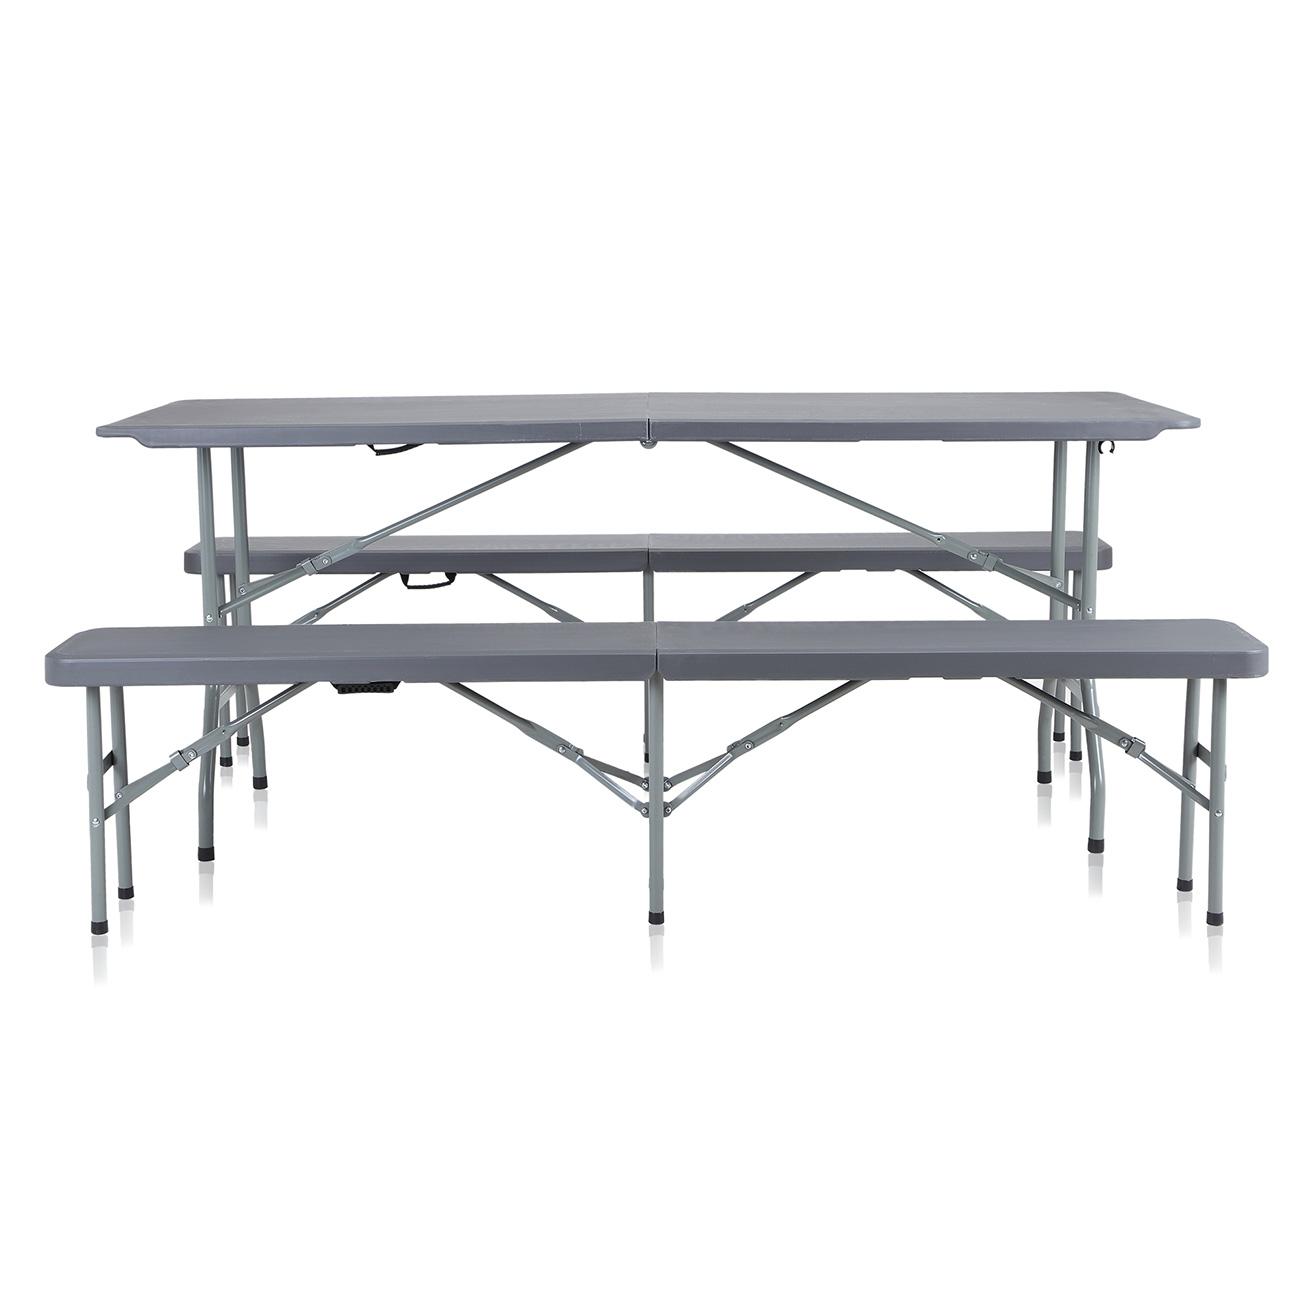 Strattore Set de Jardin en Plastique - 2x Banc et Table - Pliable en Gris  foncé